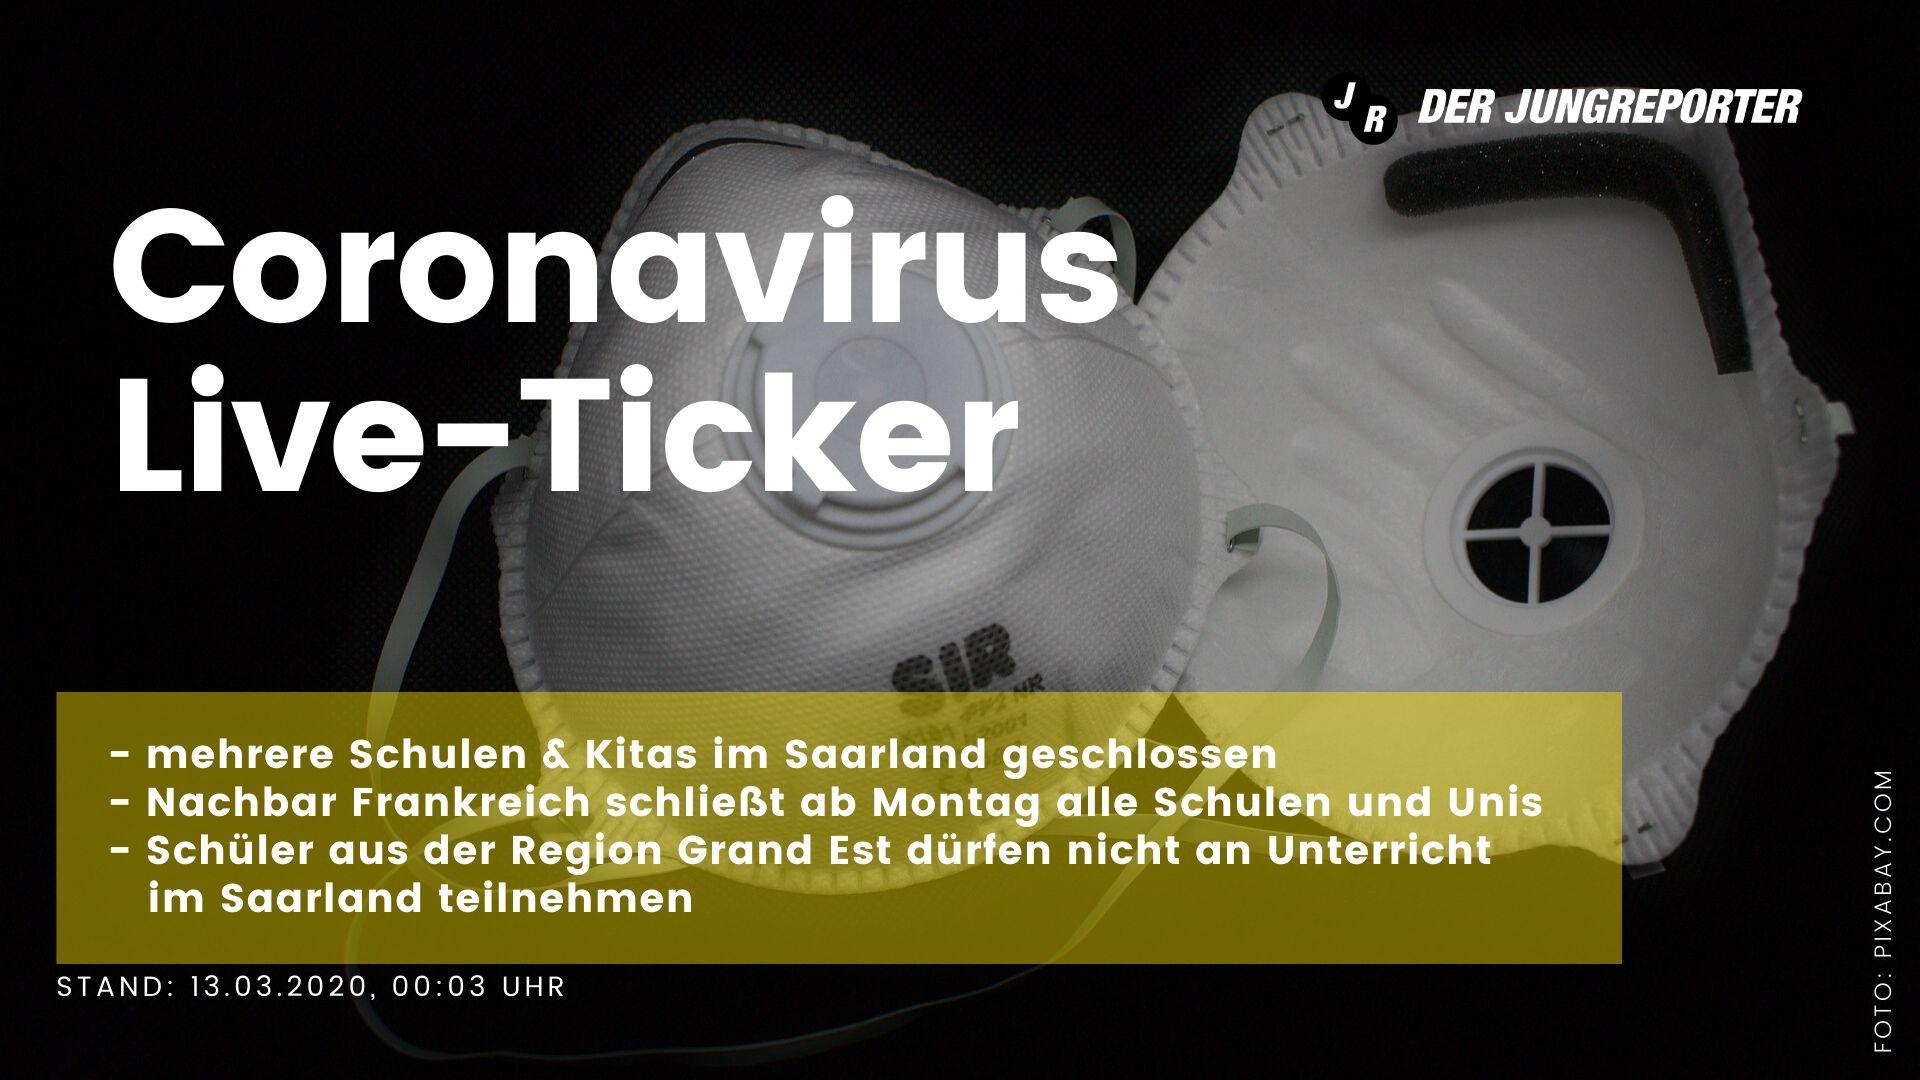 Coronavirus Live-Ticker